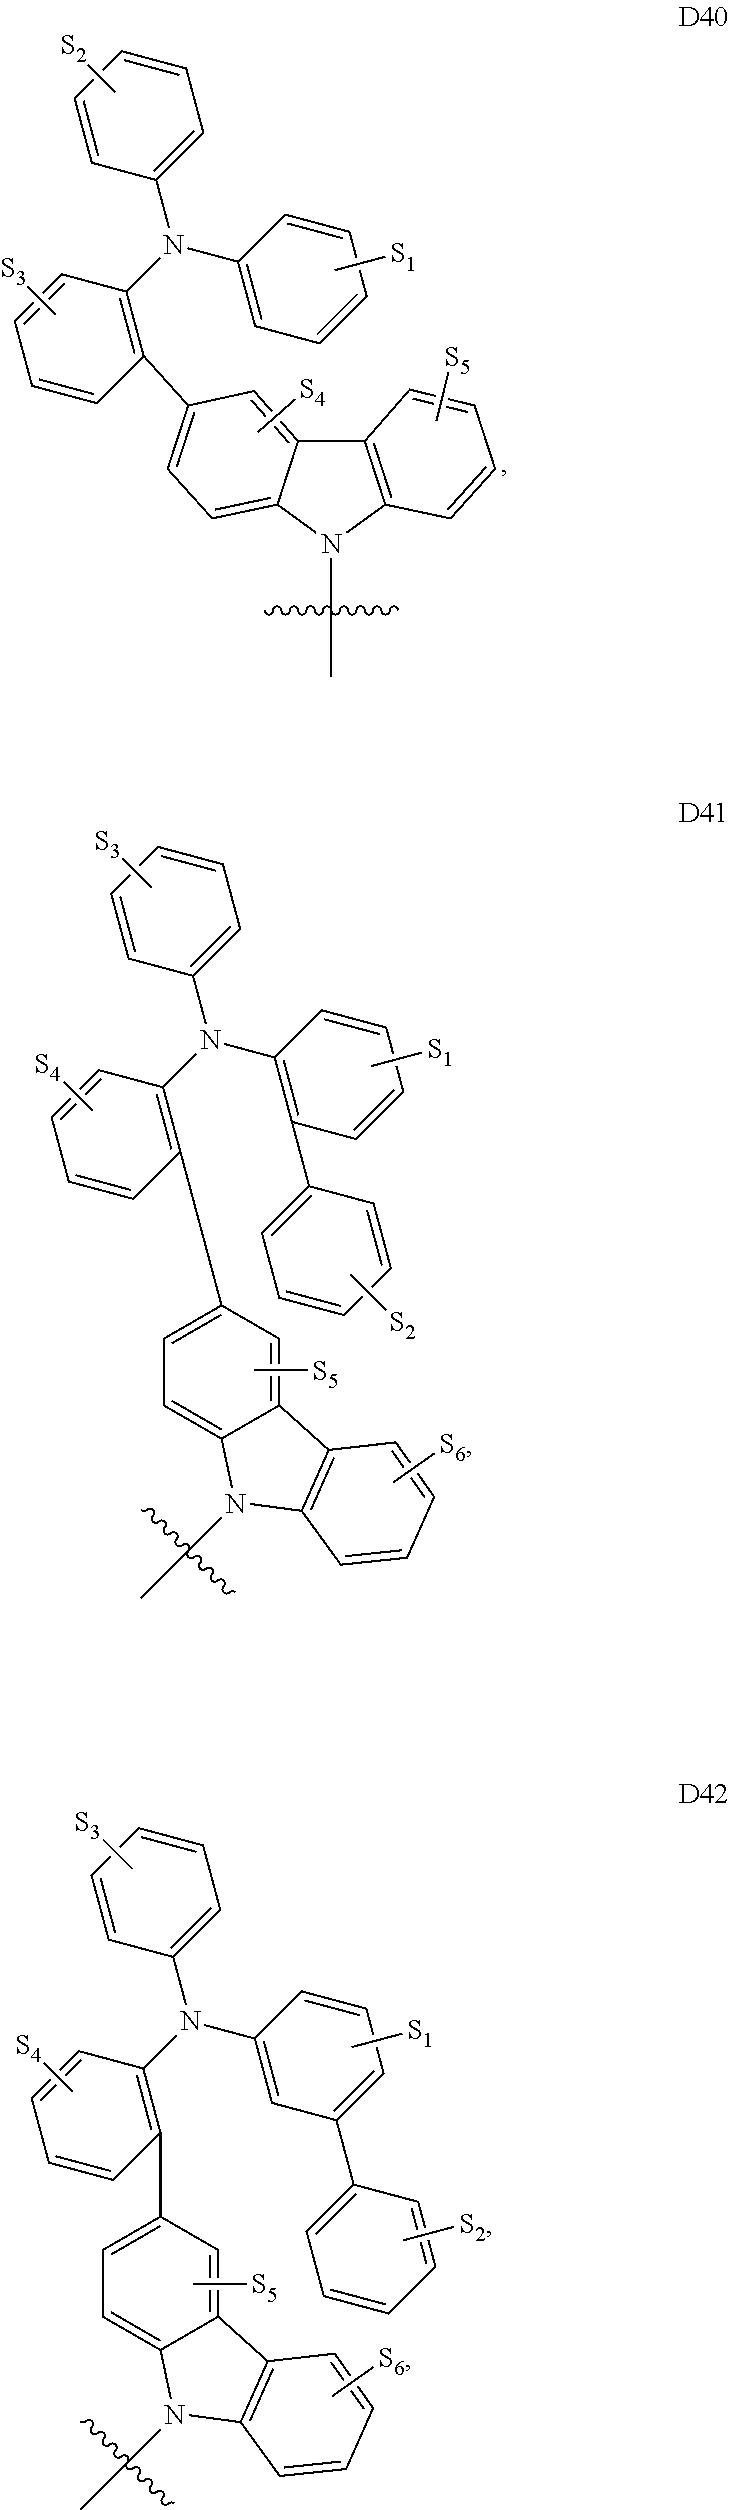 Figure US09324949-20160426-C00326